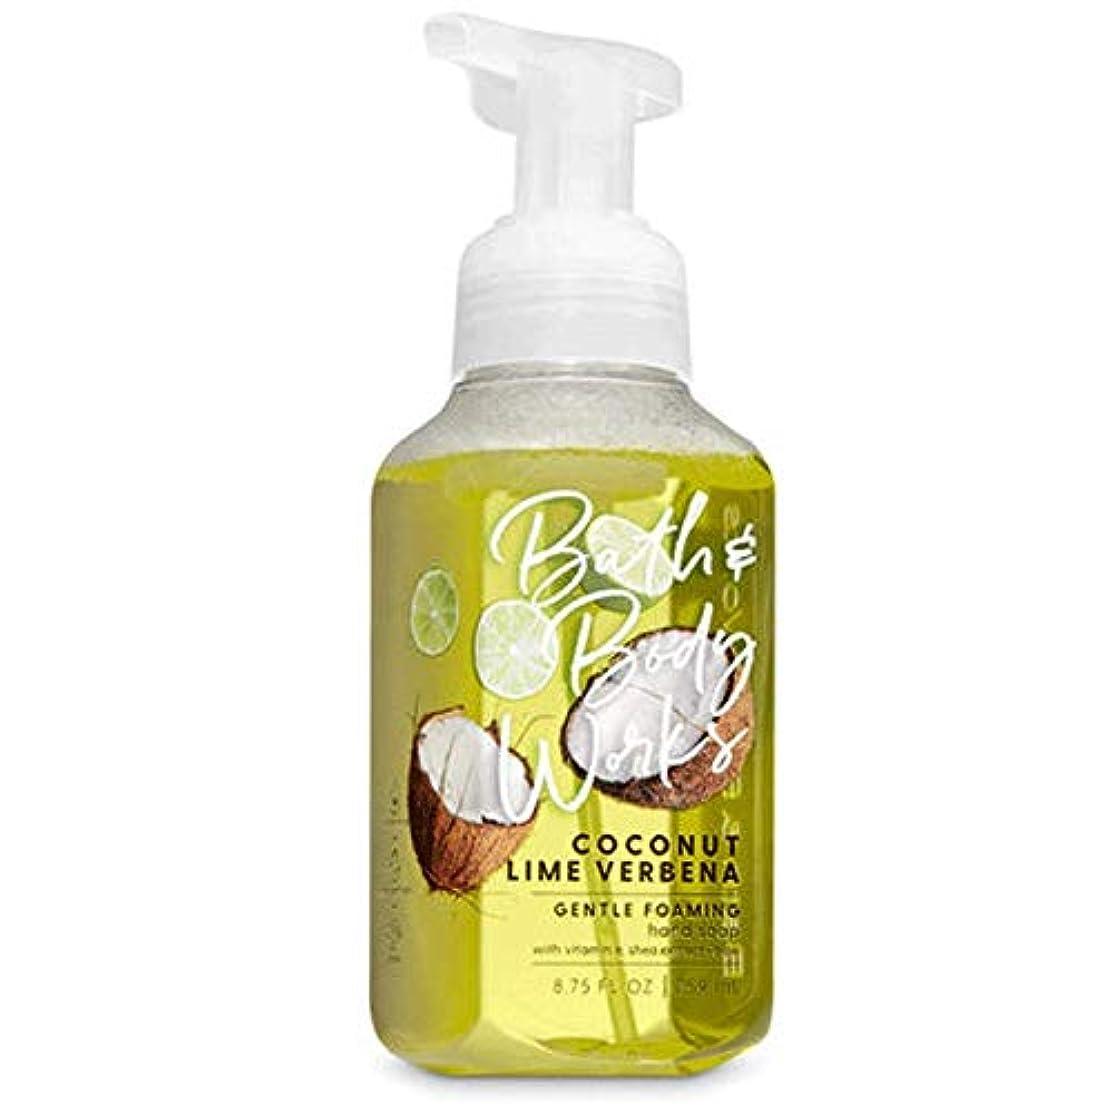 フライカイト自体耐久バス&ボディワークス ココナッツライムバーベナ ジェントル フォーミング ハンドソープ Coconut Lime Verbena Gentle Foaming Hand Soap